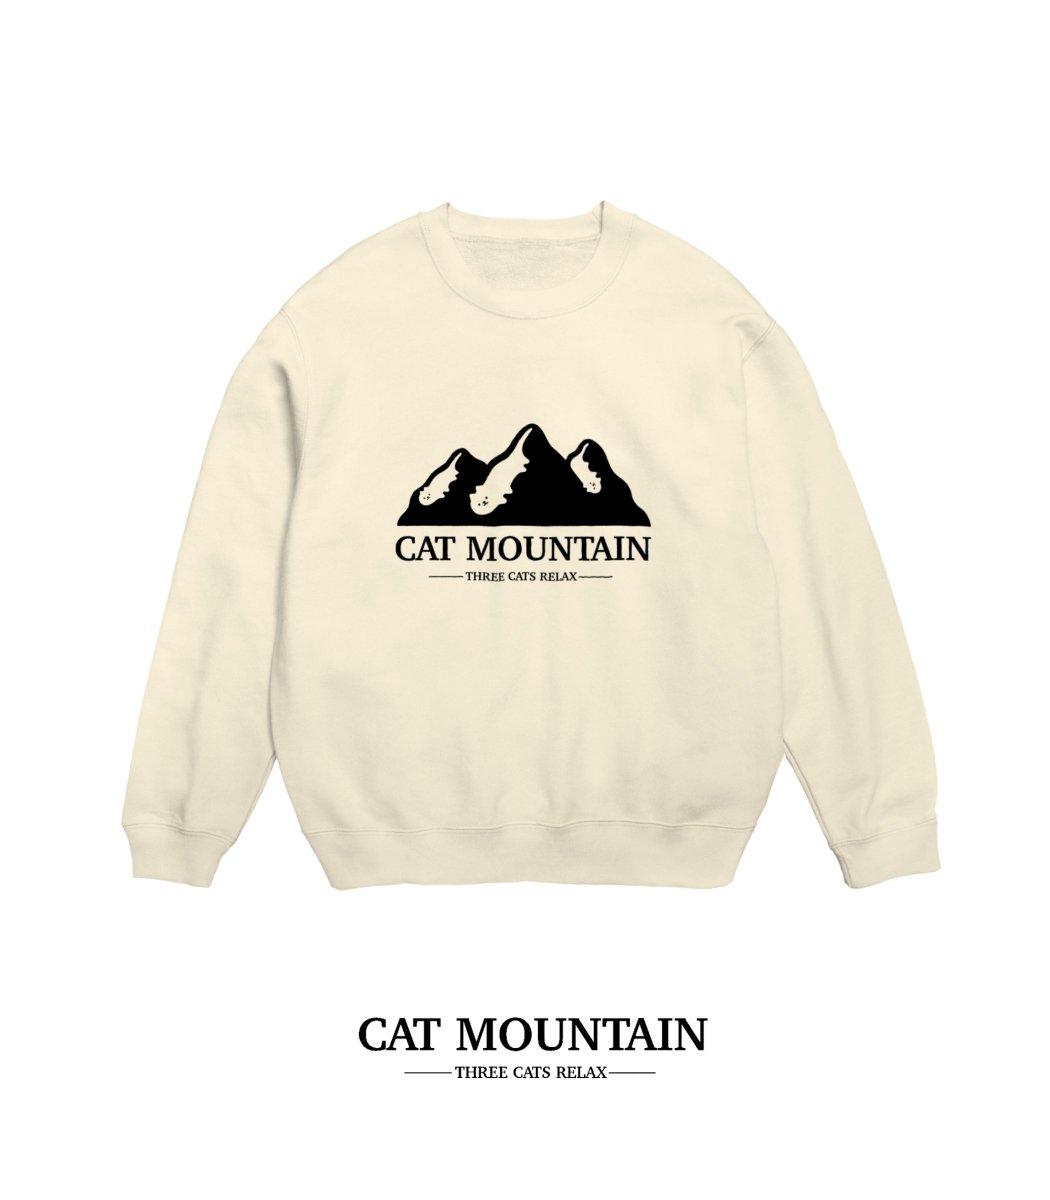 山脈とみせかけて寝ころぶネコのロゴです🐈